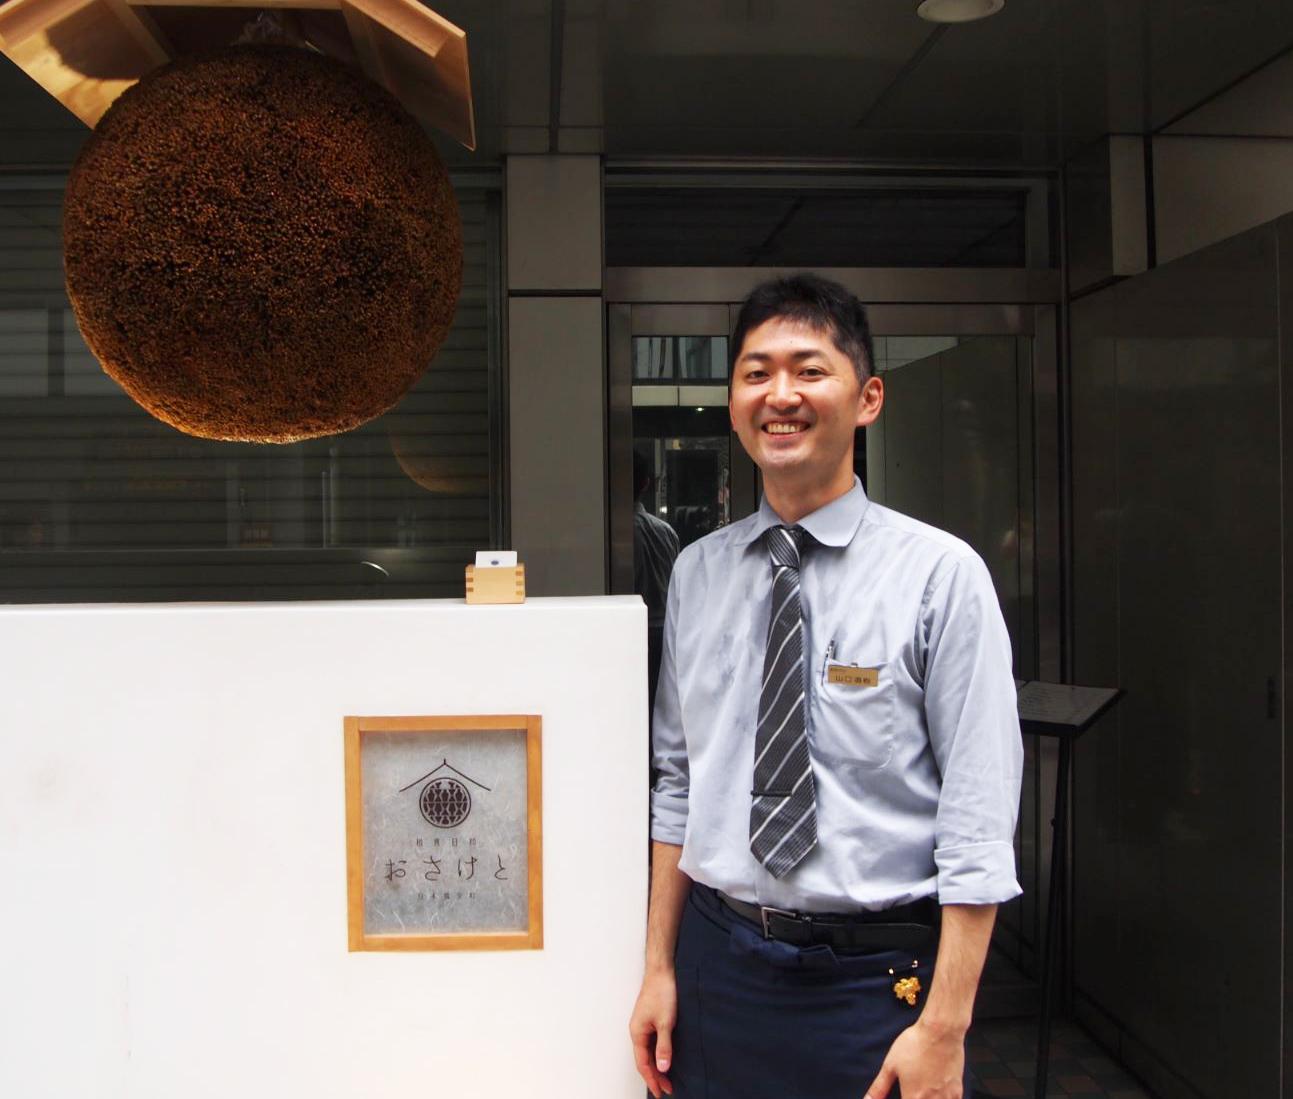 『和食日和 おさけと』山口直樹氏に聞く、全店舗黒字経営のコツや秘訣。「自分軸」の重要性。